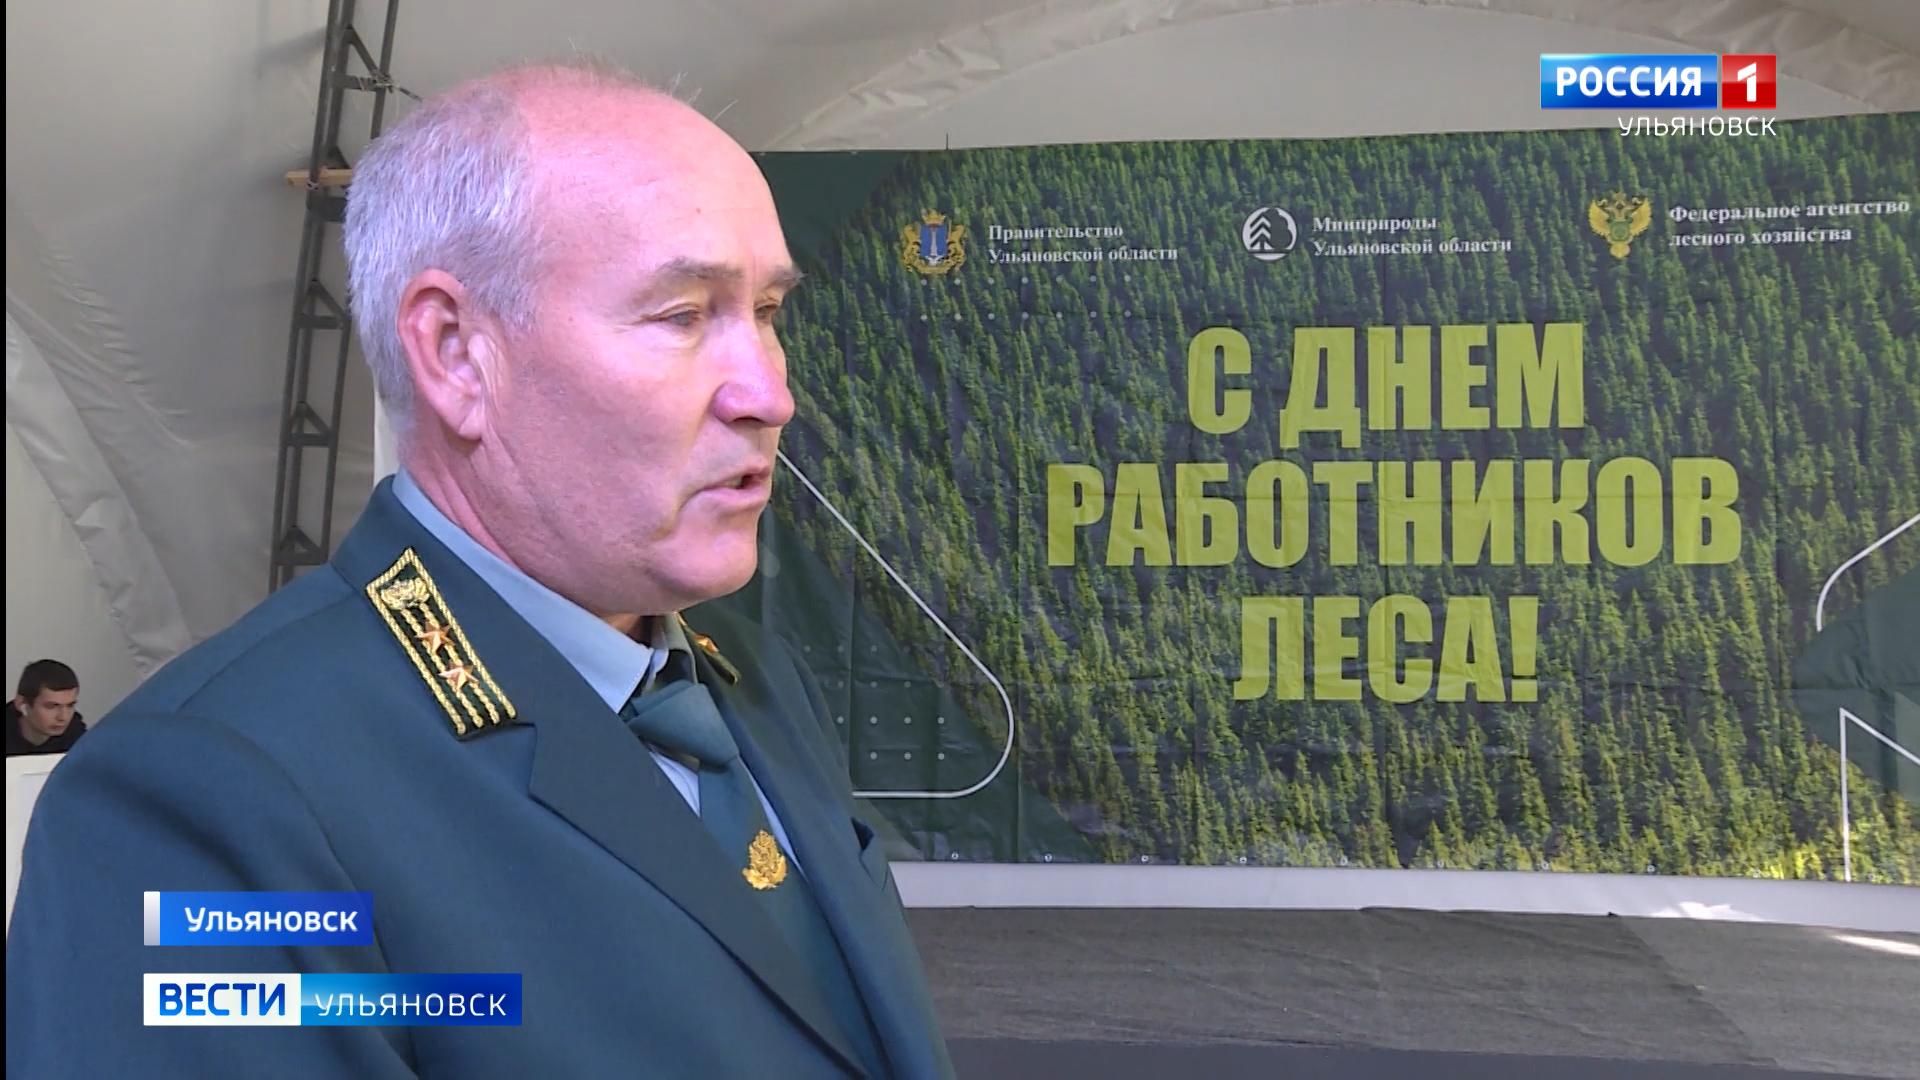 Ульяновские лесничие готовятся к профессиональному празднику